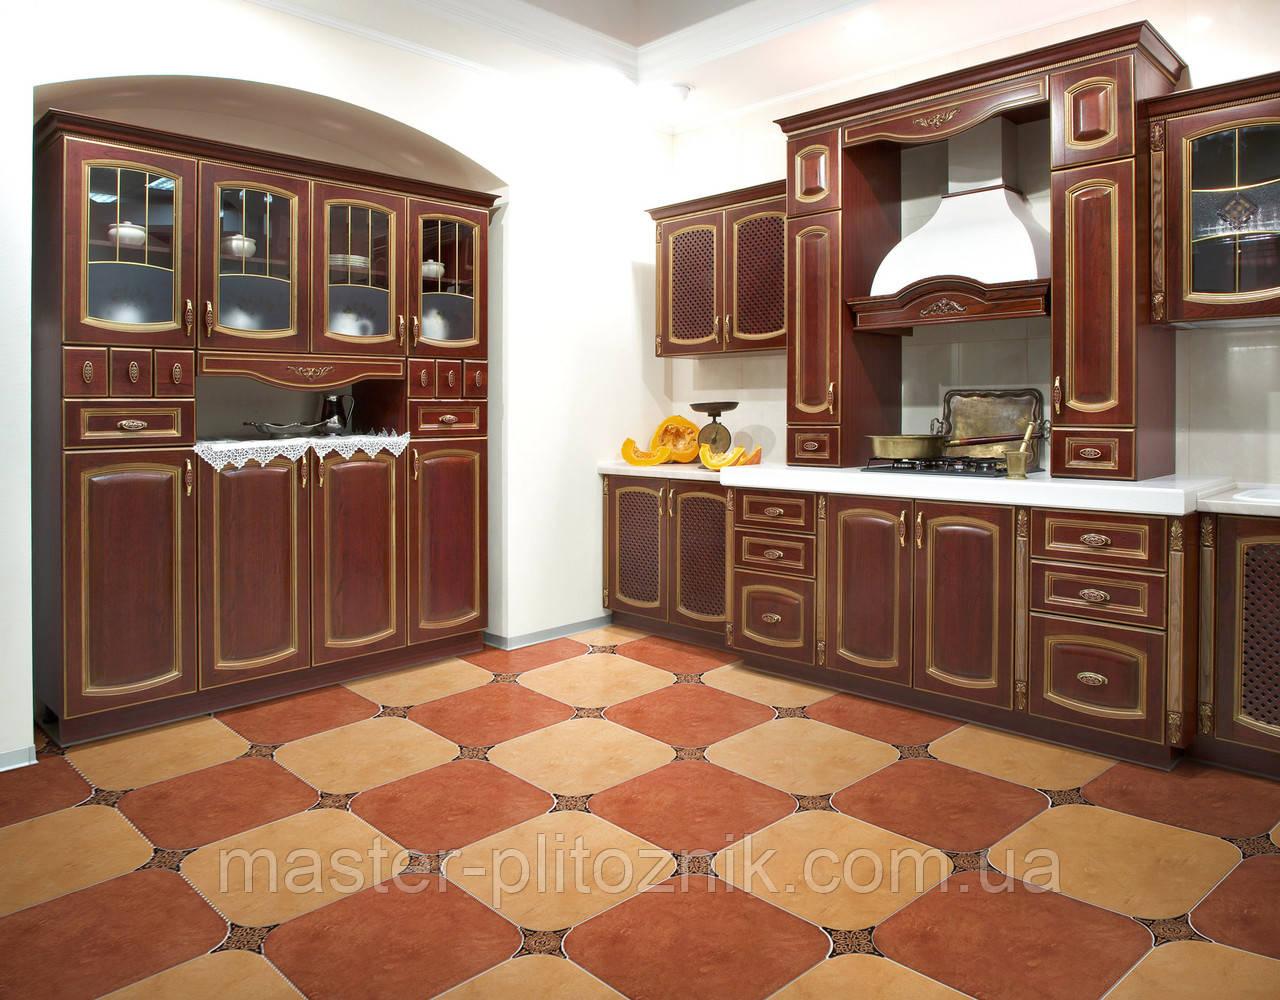 Плитка напольная Техас Атем для ванной,кухни,коридора